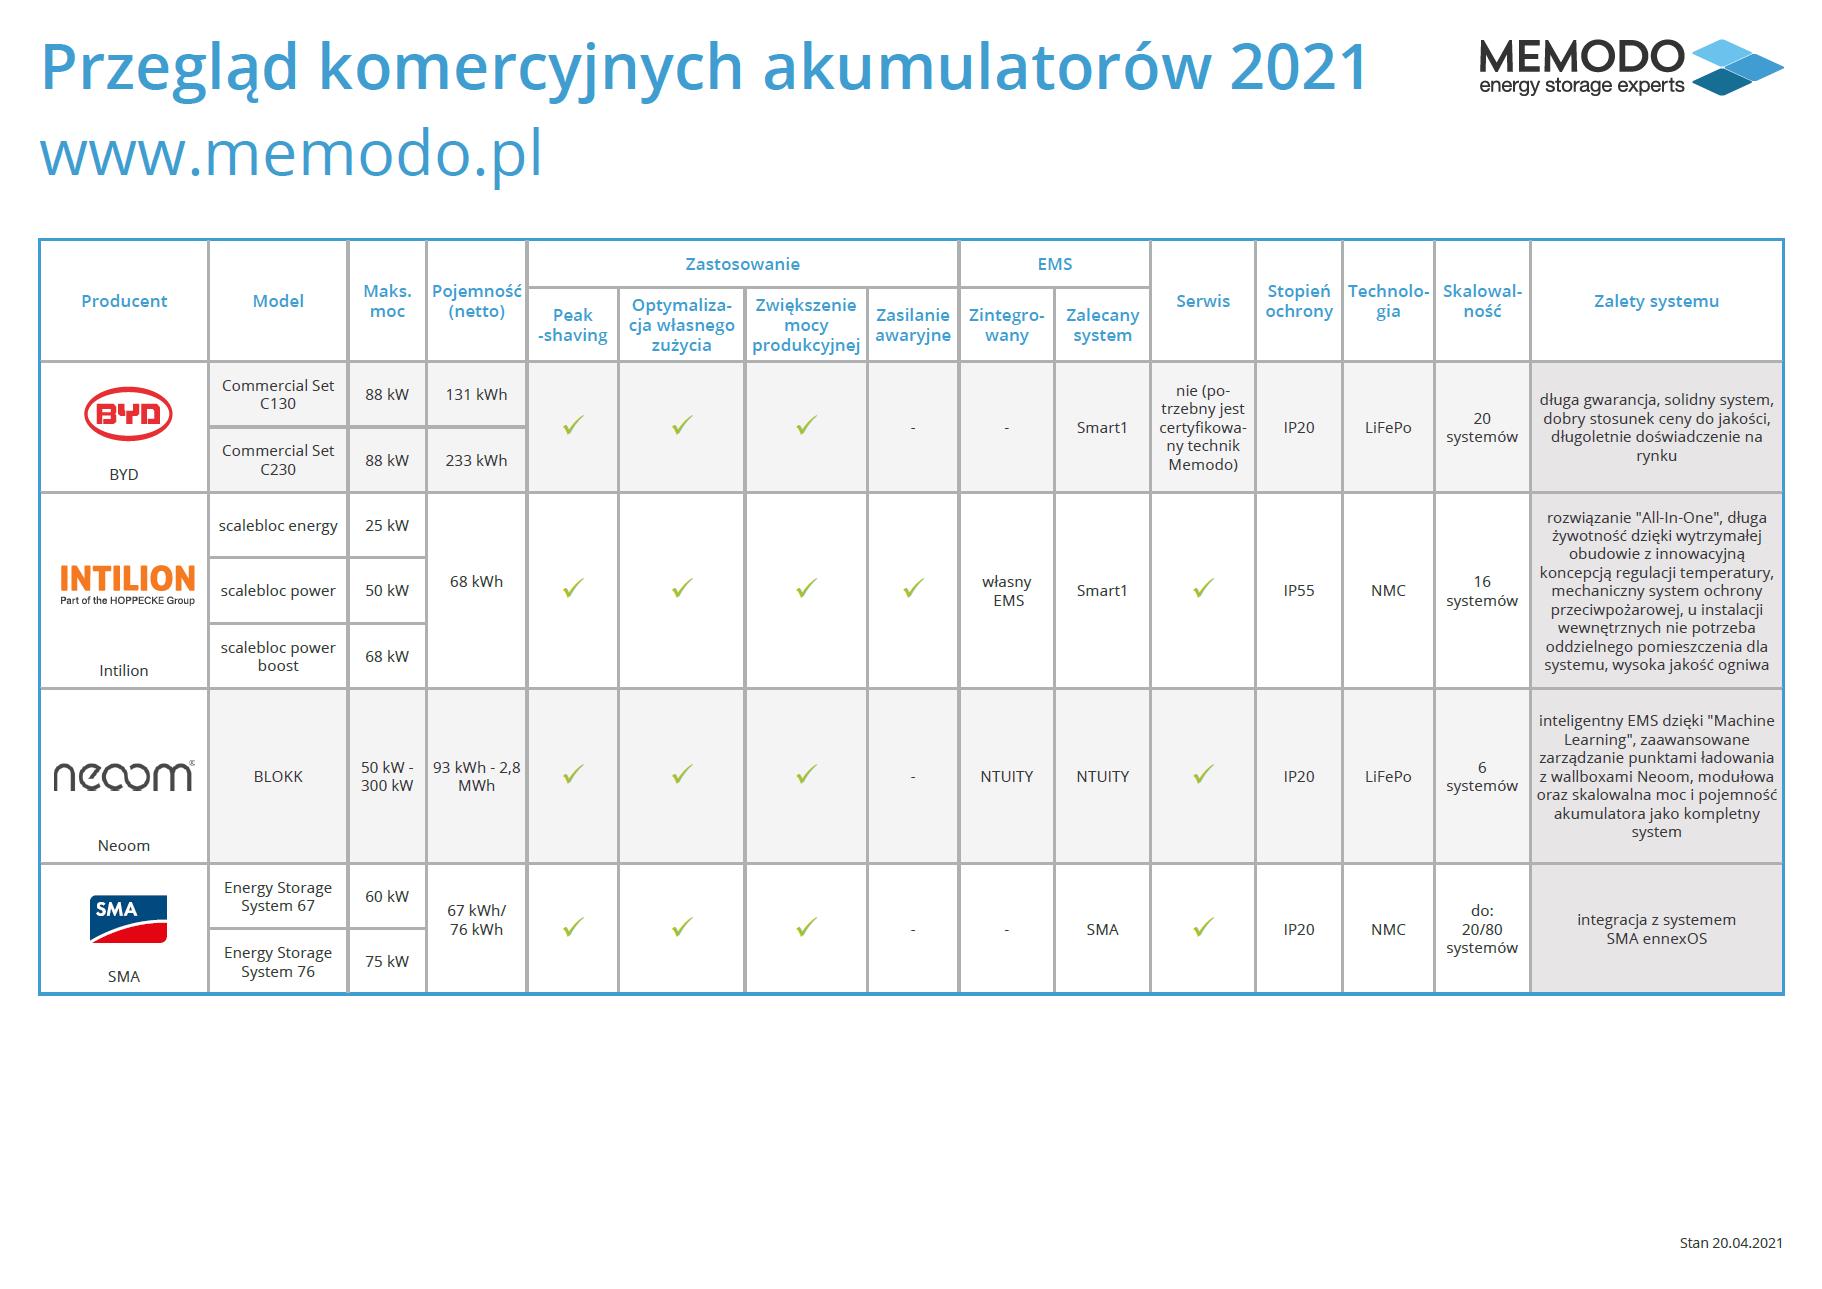 Memodo-przeglad-komercyjnych-akumulatorow-2021